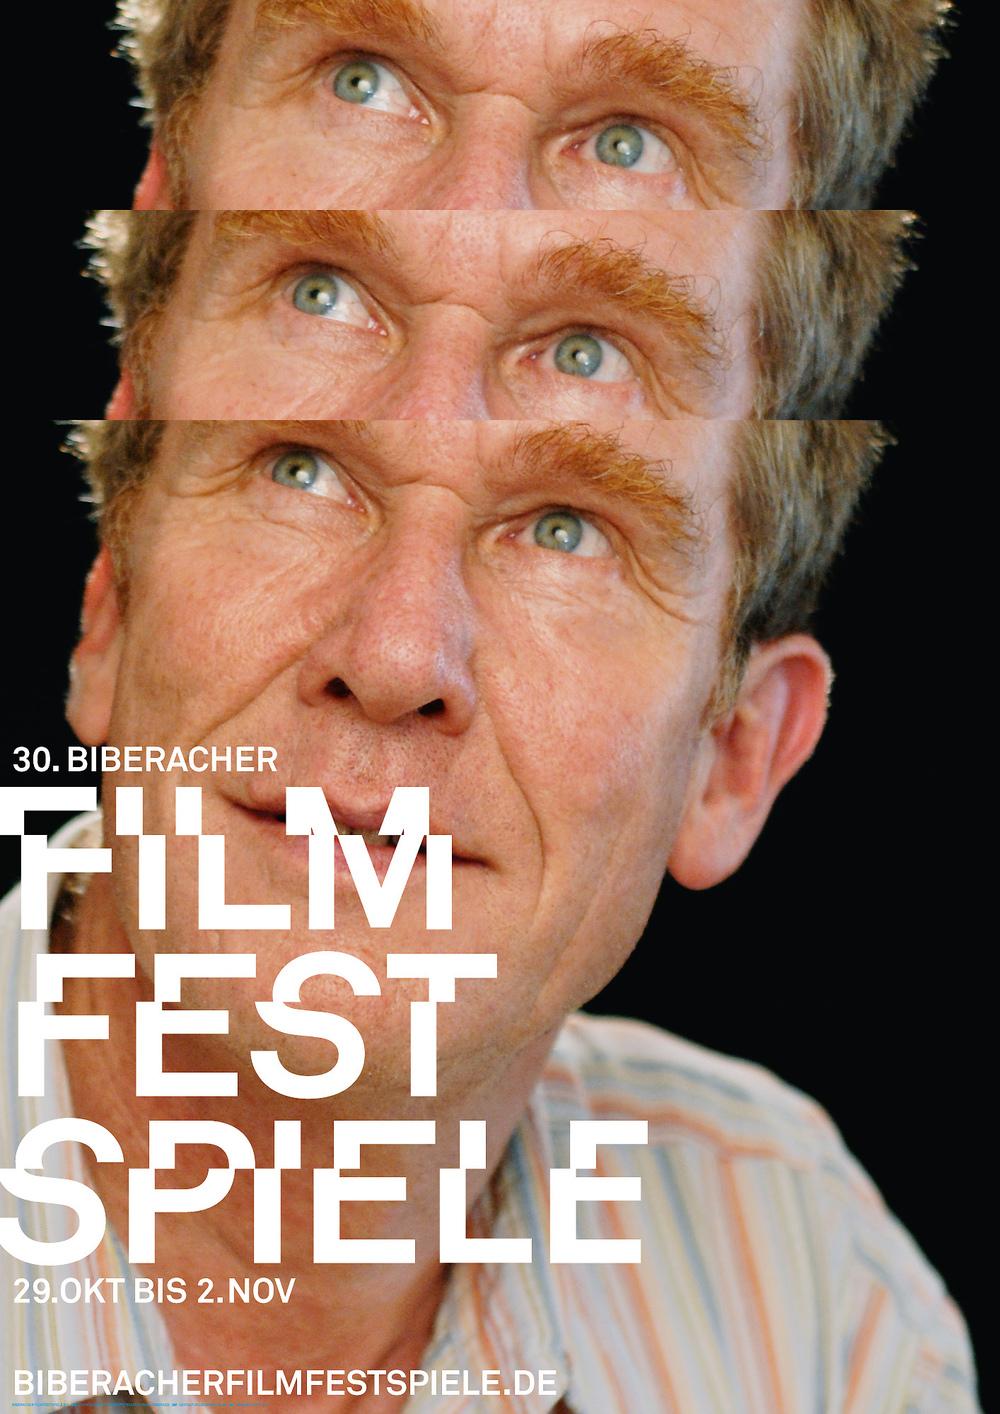 Filmfestspiele Biberach